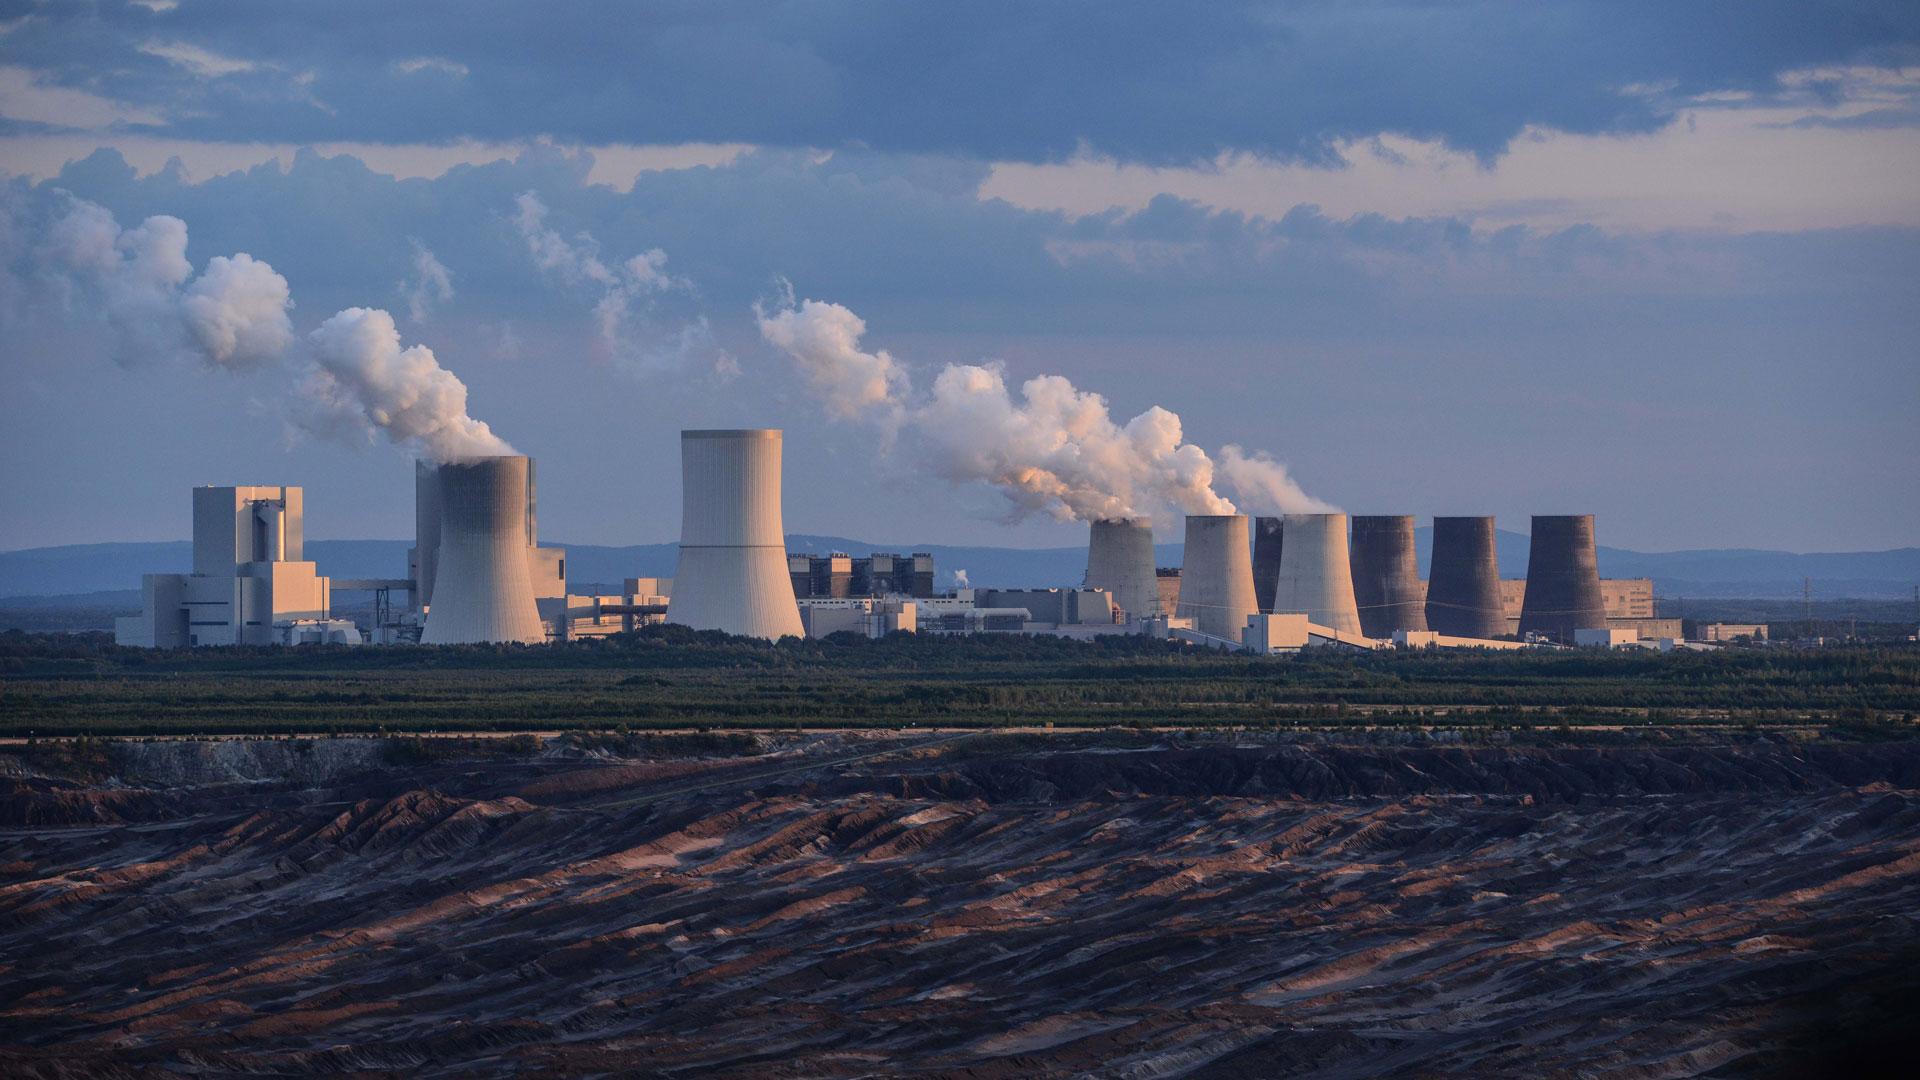 Die Bundesregierung betonte immer wieder, den erzielten Kompromiss zum Kohleausstieg umsetzen zu wollen. © Peter Jelinek